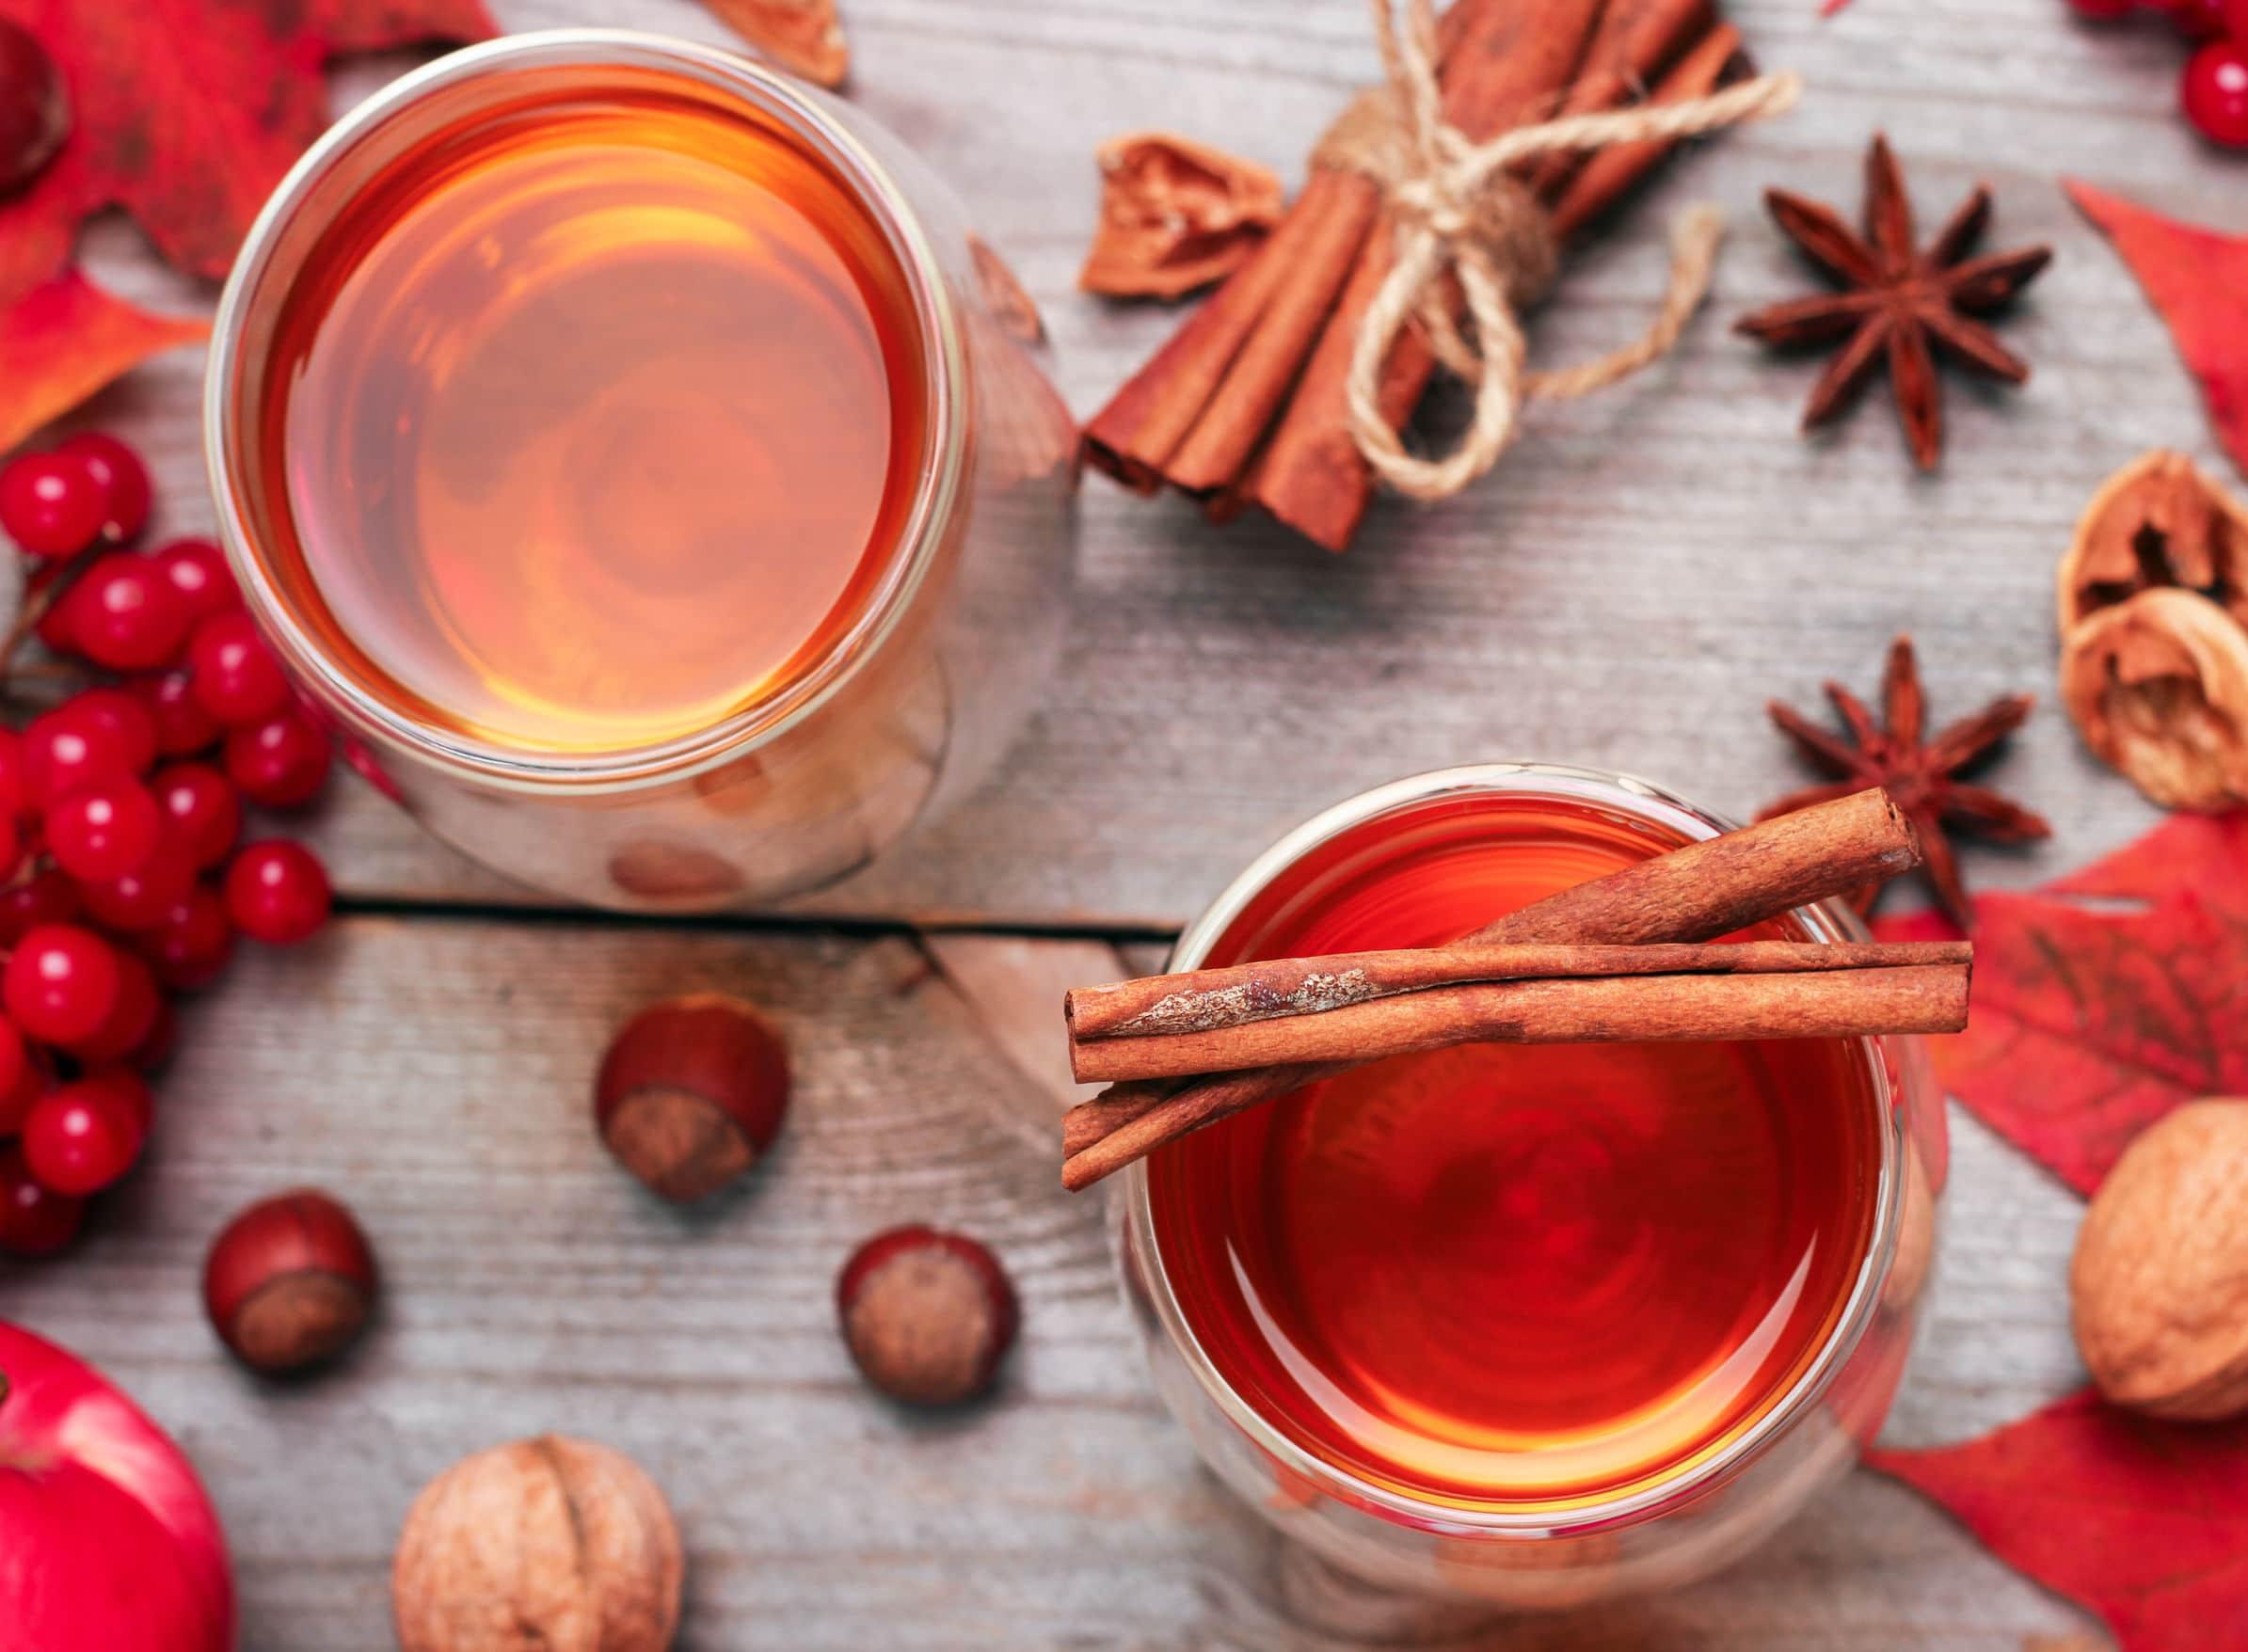 Agua Com Mel E Canela Beneficios chá de canela faz mais que acelerar a menstruação. veja!